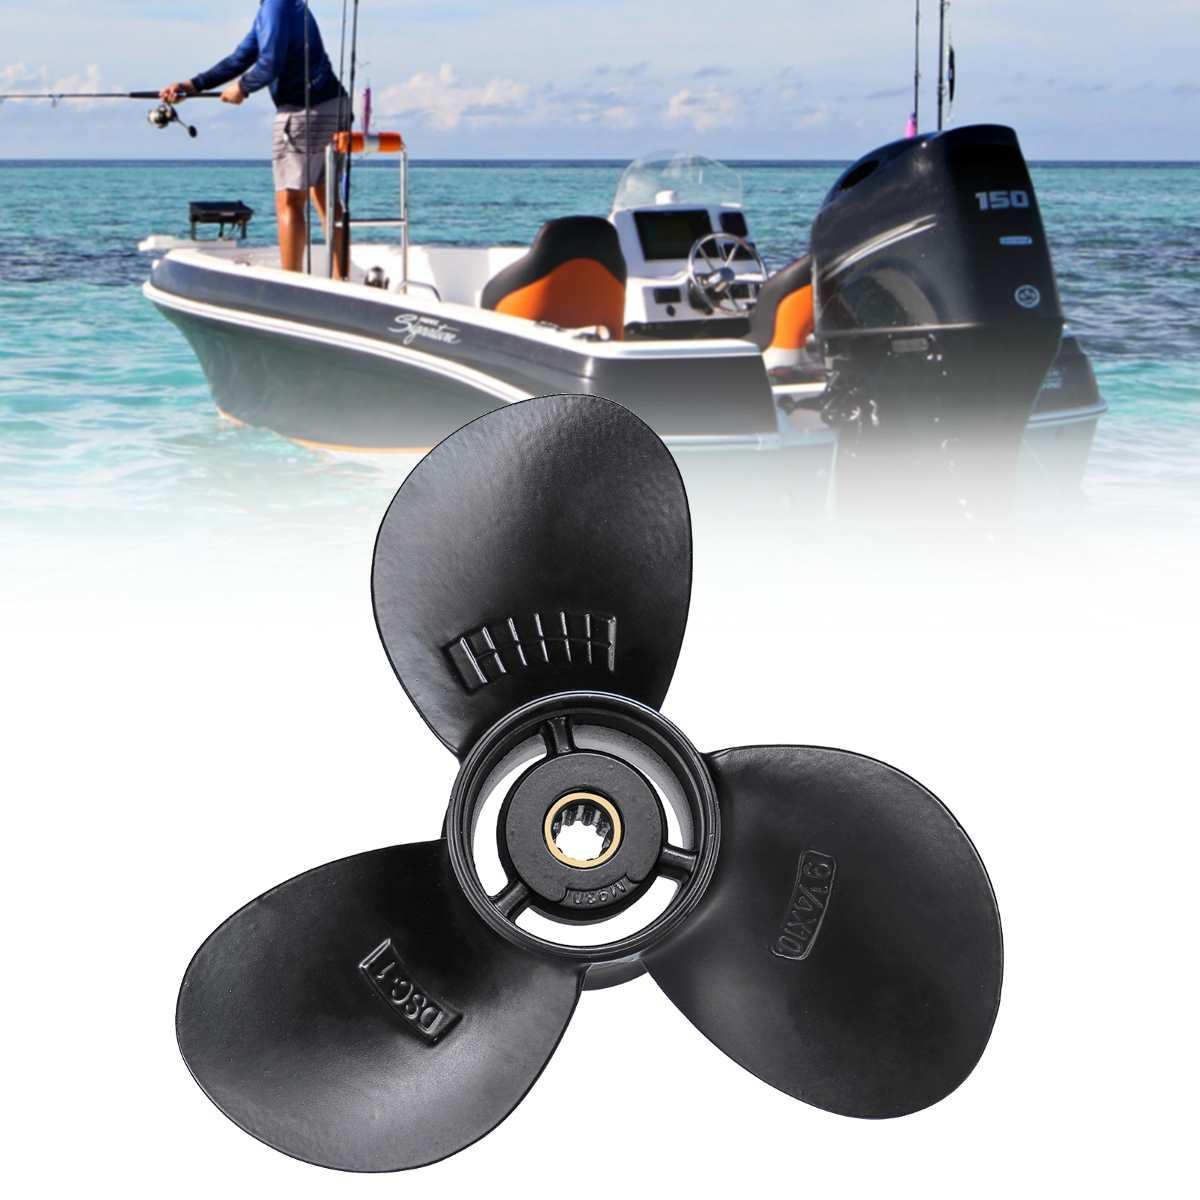 Elica fuoribordo 58100-93733-019 In Lega di Alluminio Per Suzuki 8-20HP 9 1/4x10 Barca Nero 3 Lame 10 Spline Tooths R Rotazione